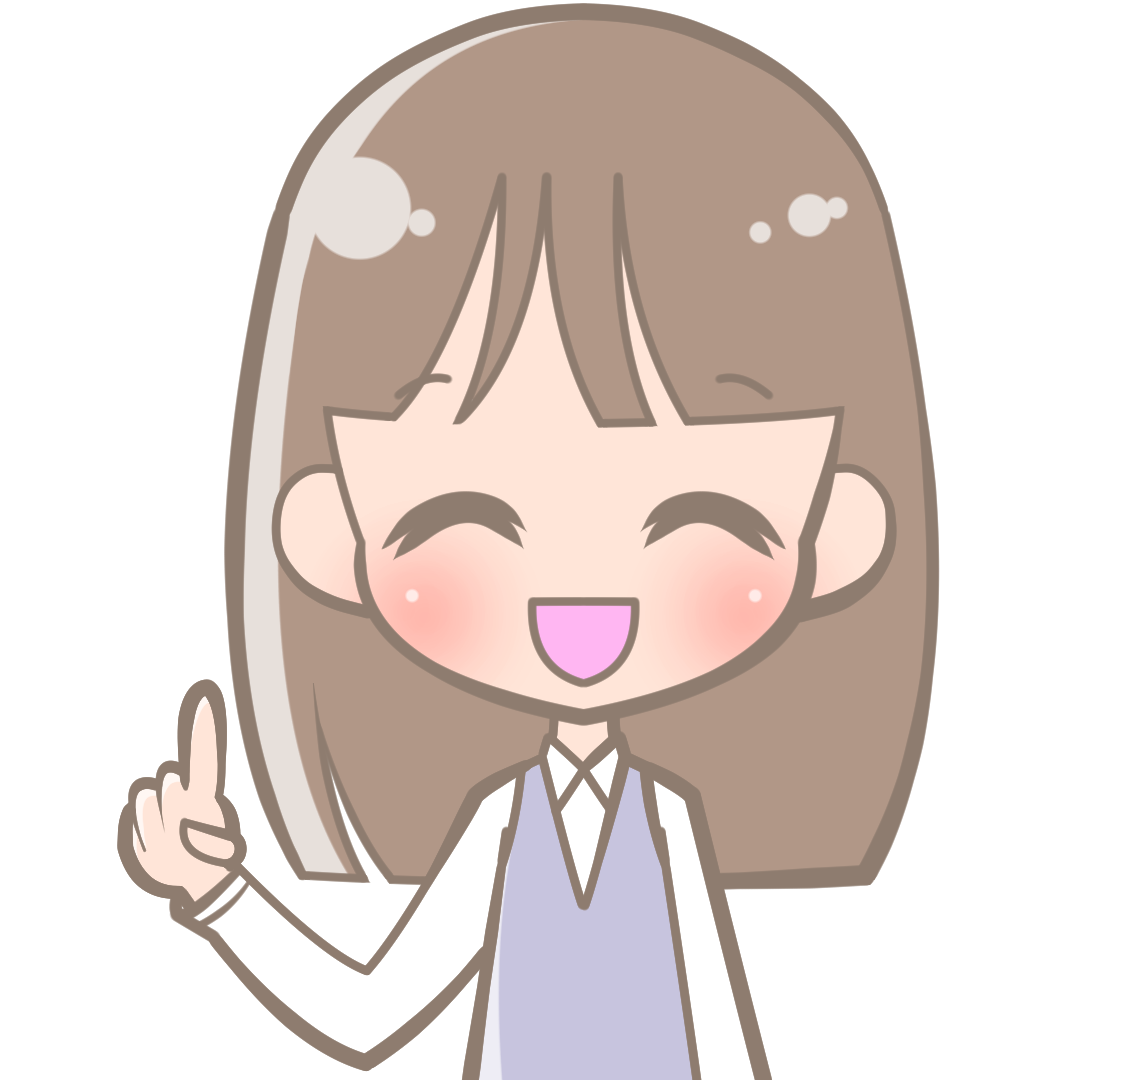 ホワイピュアクリームちゃん